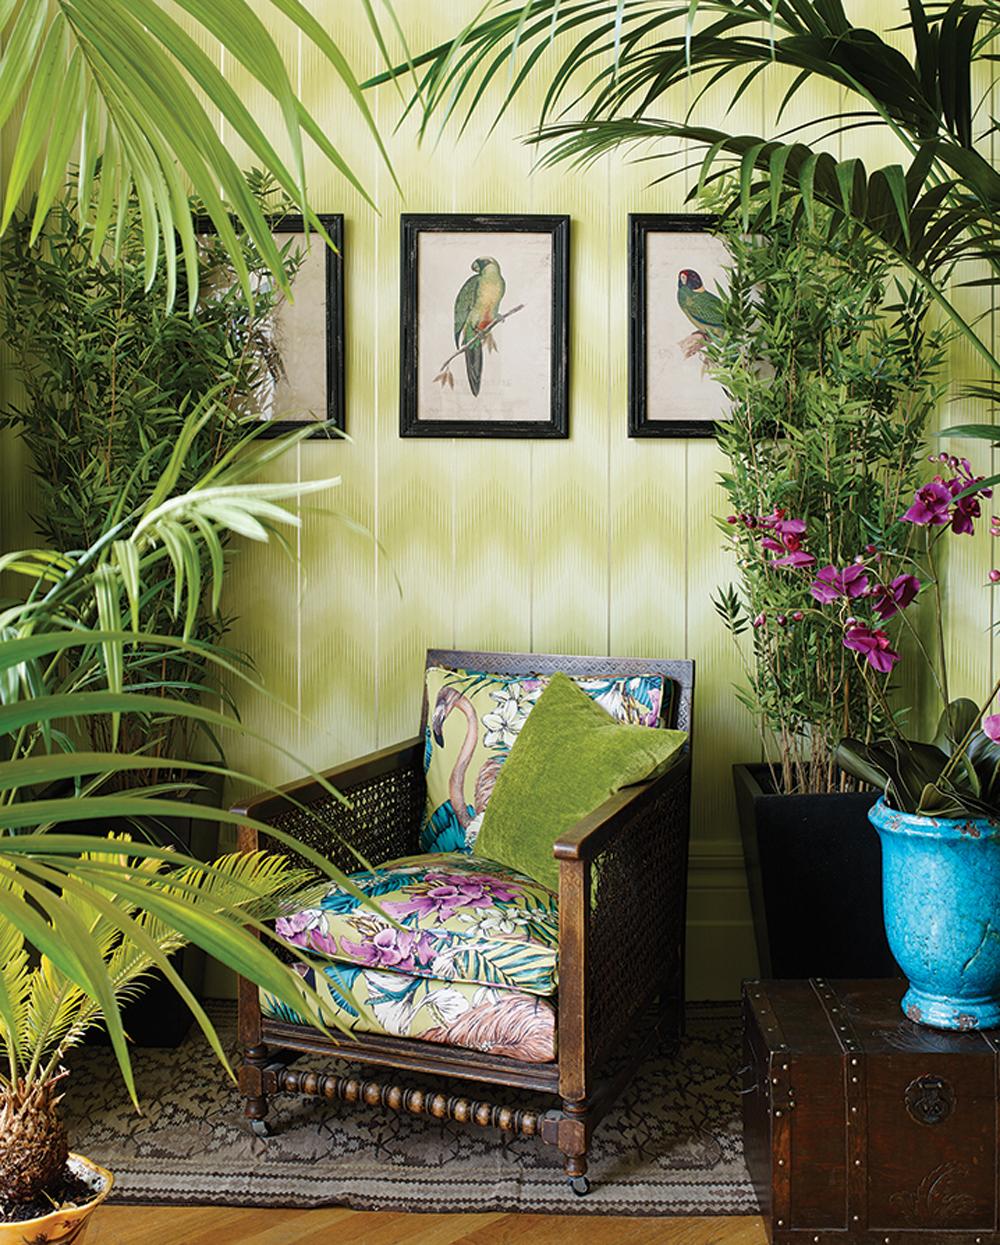 stil tapeten klassische muster mit rosen ornamenten u streifen online kaufen. Black Bedroom Furniture Sets. Home Design Ideas